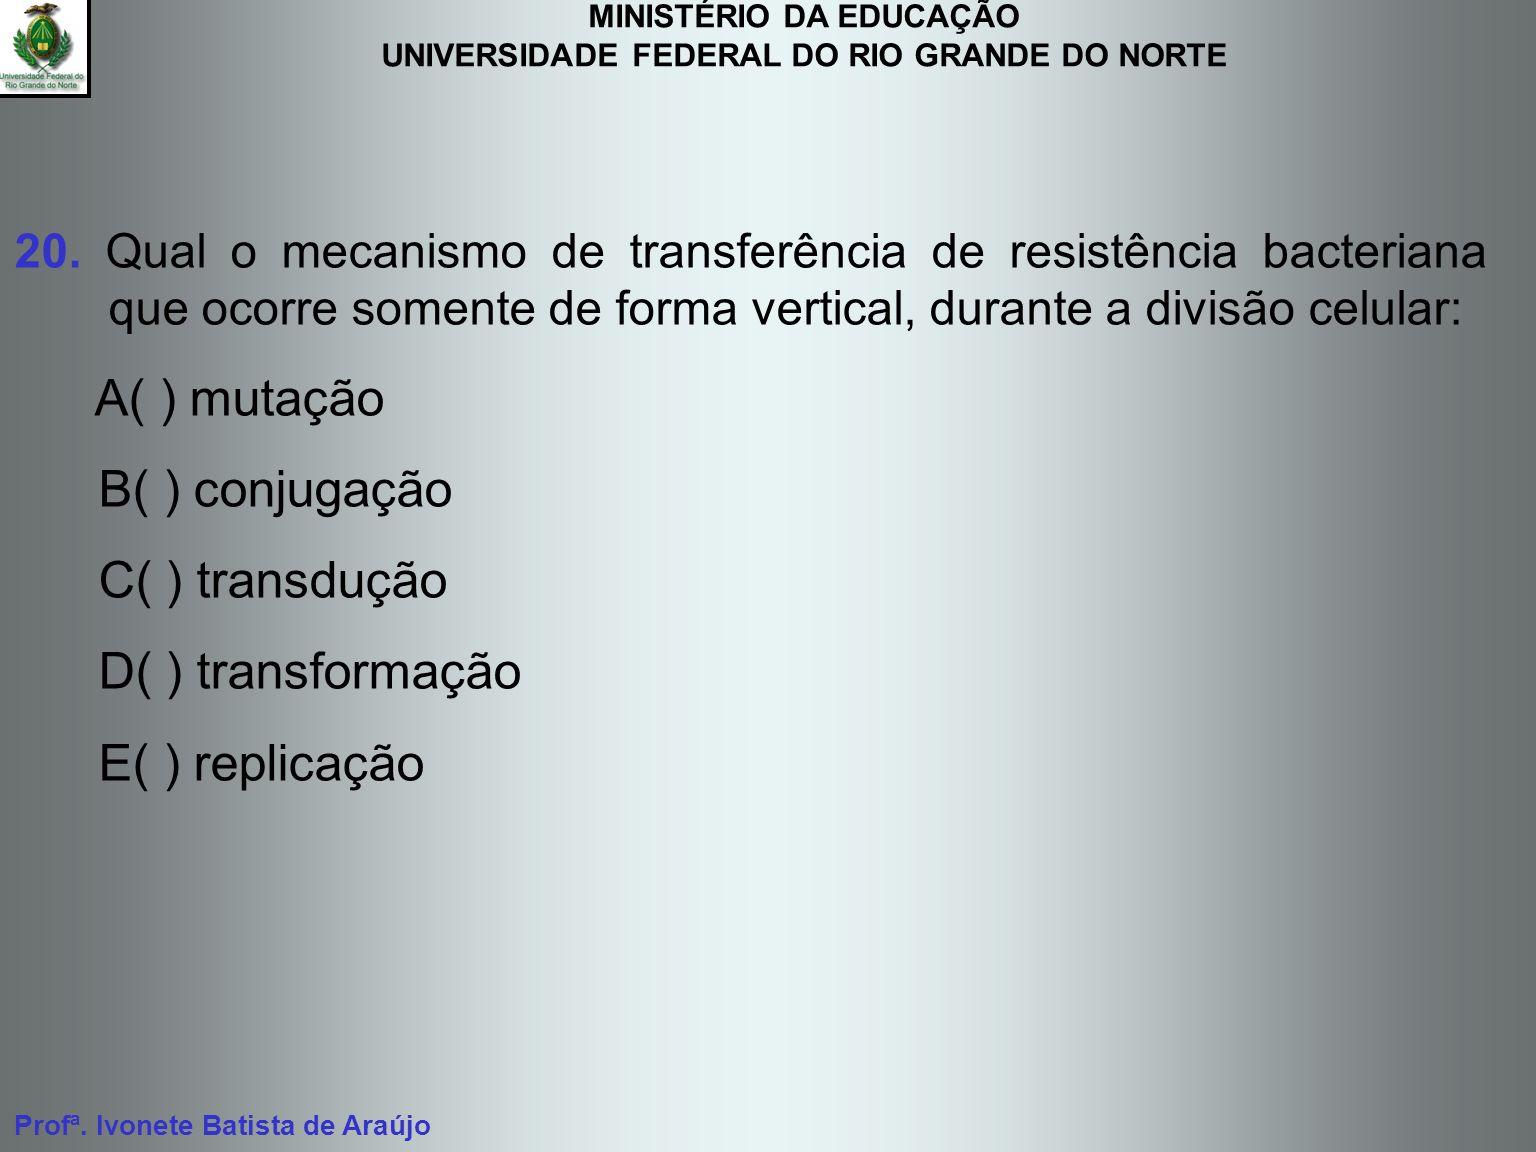 MINISTÉRIO DA EDUCAÇÃO UNIVERSIDADE FEDERAL DO RIO GRANDE DO NORTE Profª. Ivonete Batista de Araújo 20. Qual o mecanismo de transferência de resistênc